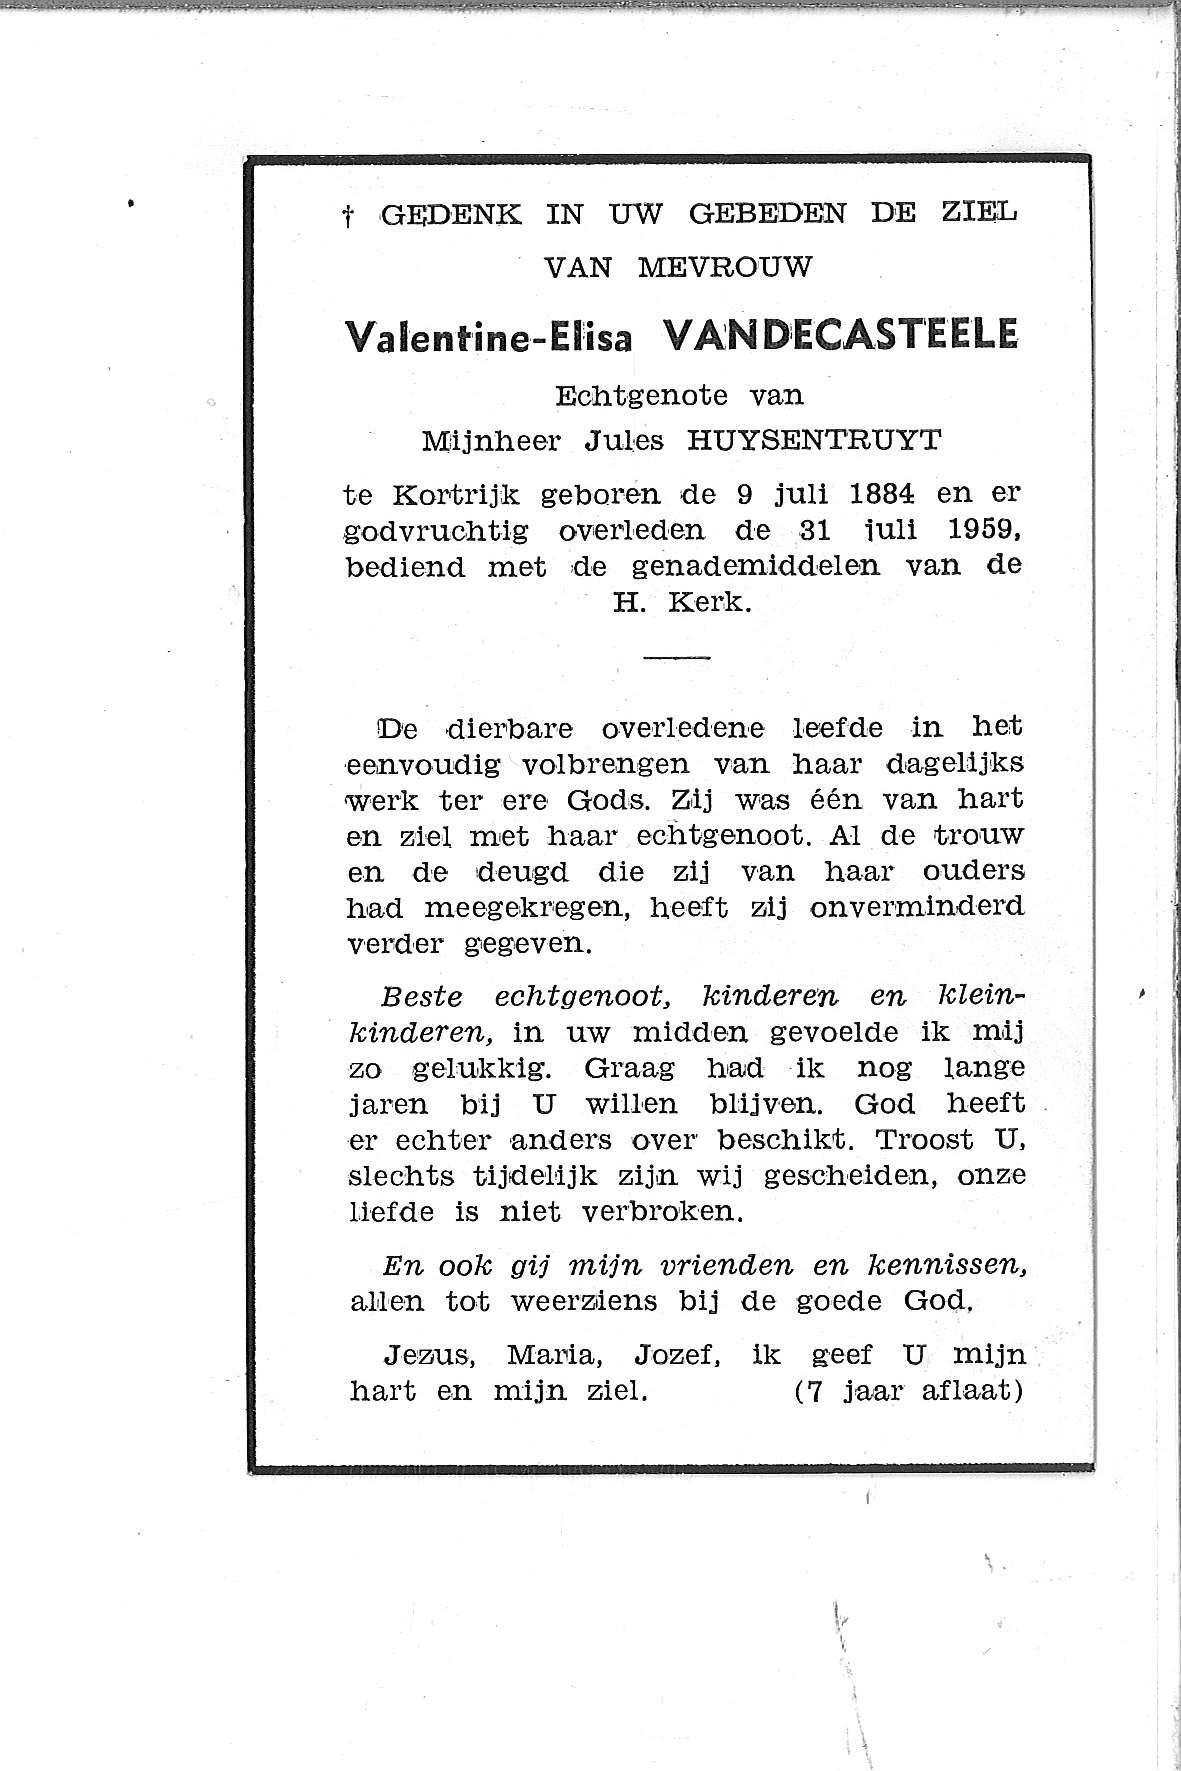 Valentine-Elisa(1959)20140115112436_00015.jpg